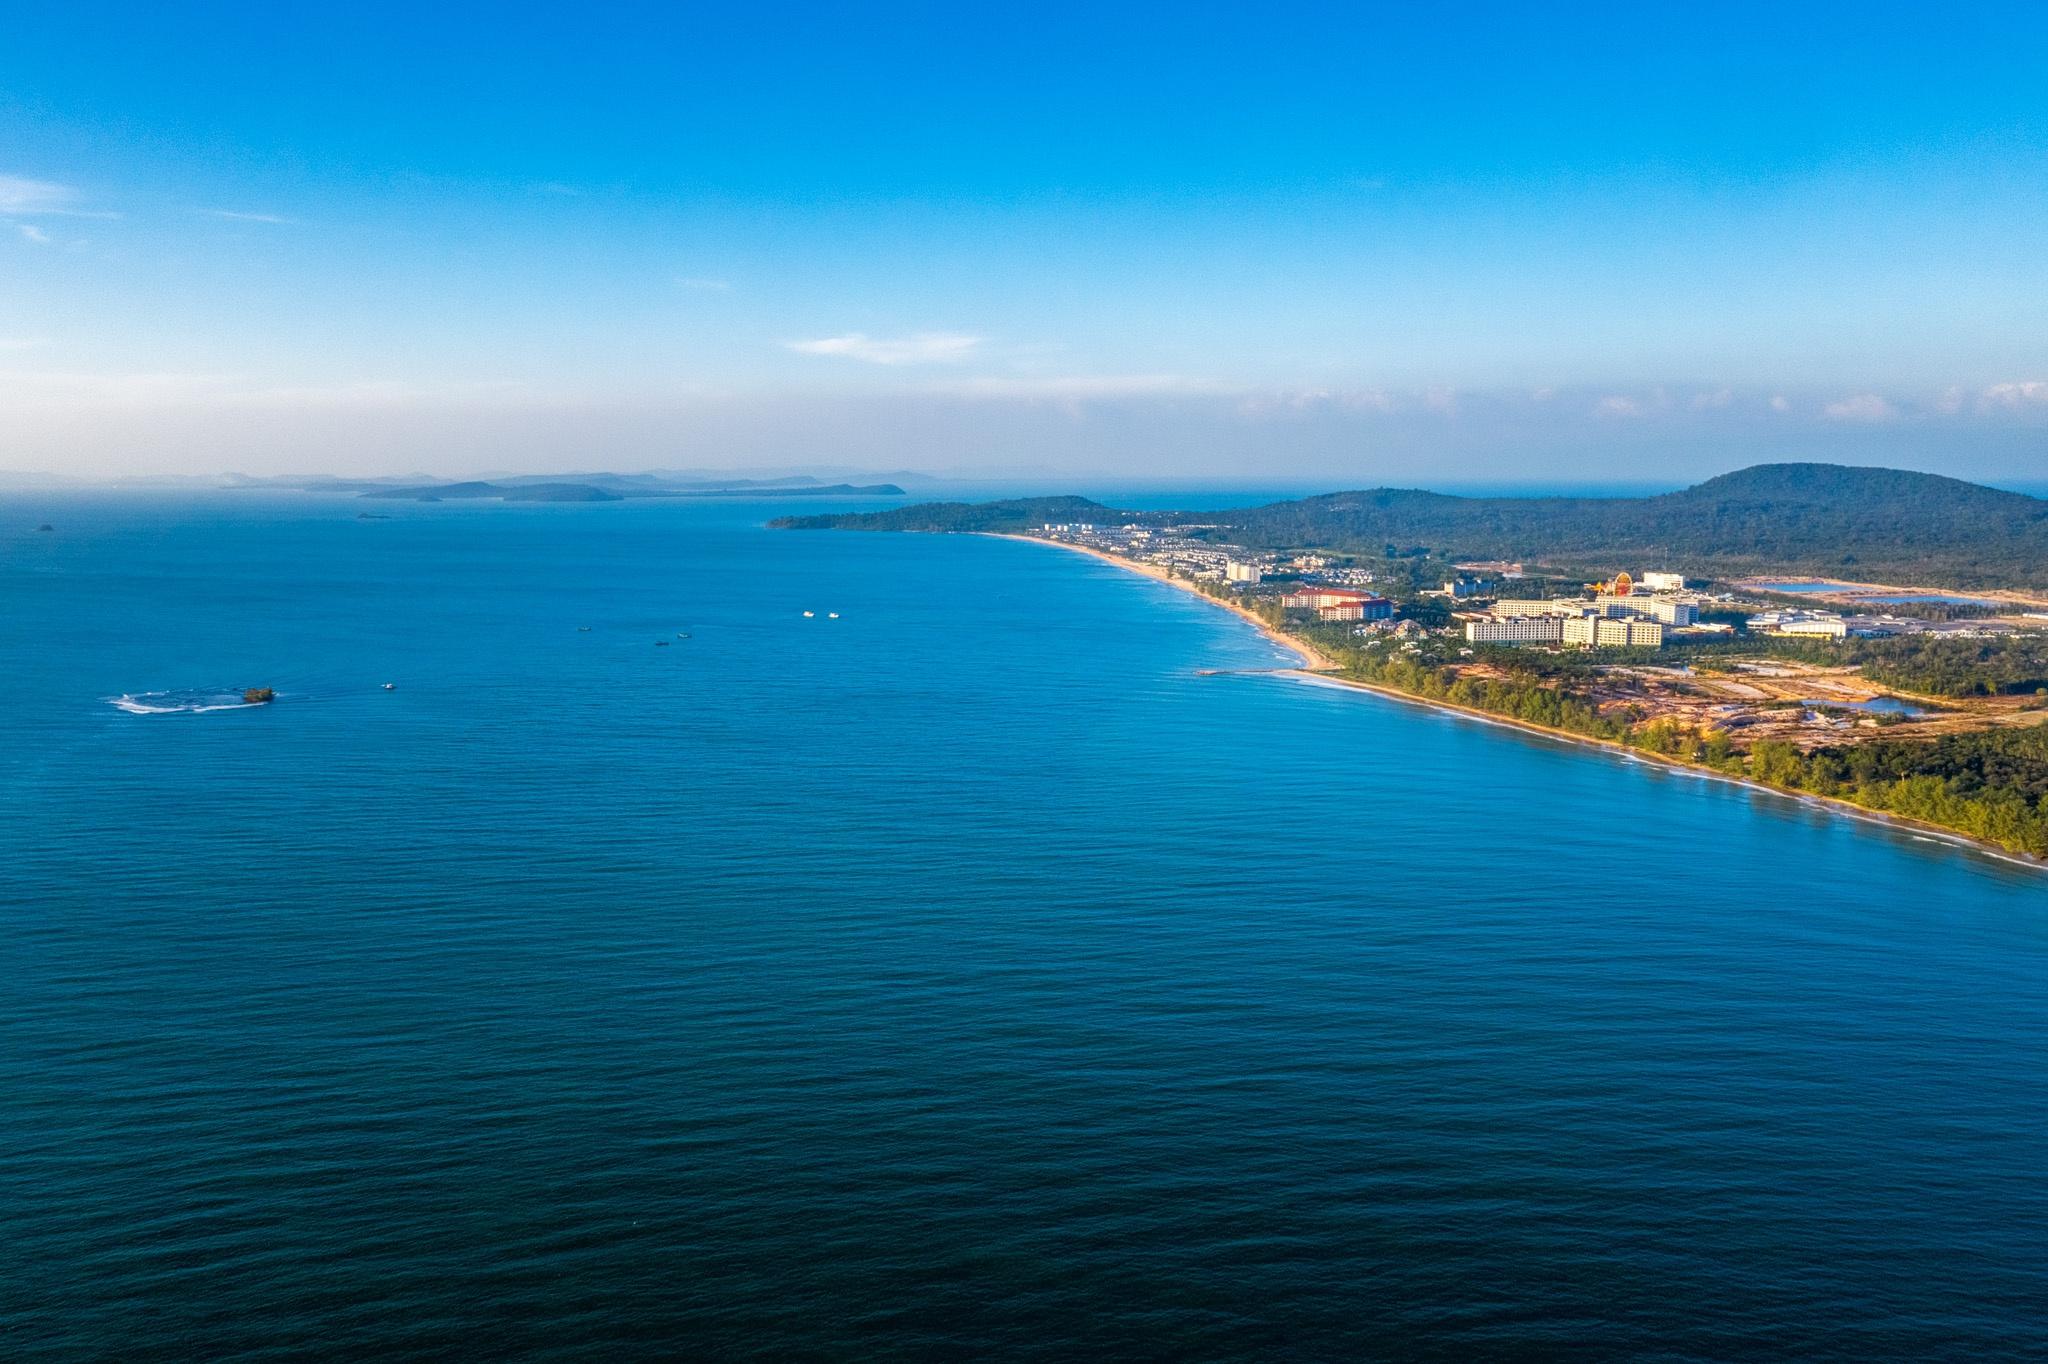 Chu du biển đảo Phú Quốc, ngắm vẻ đẹp giao hòa của tự nhiên - Ảnh 2.